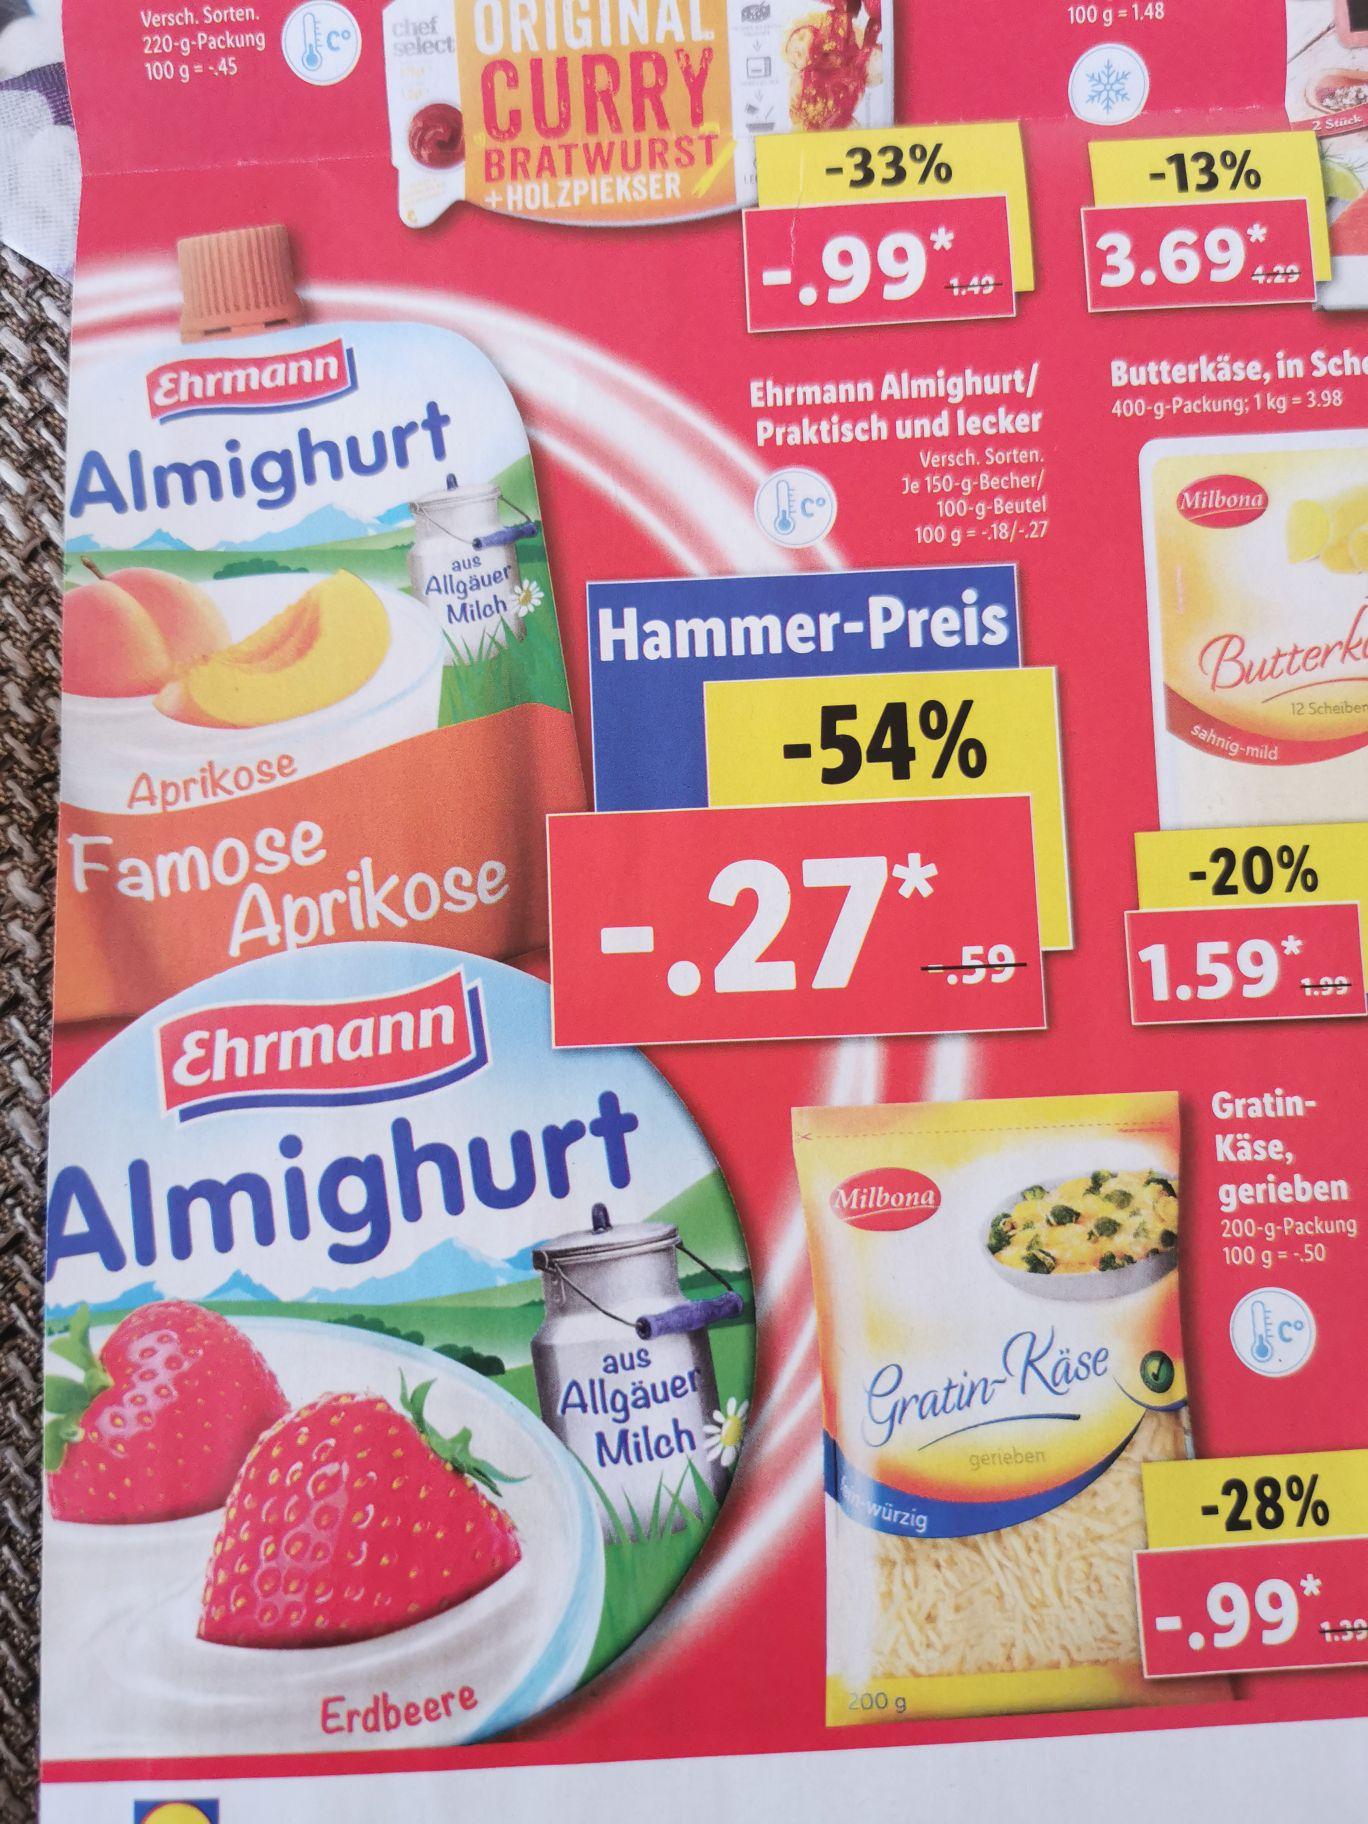 Ehrmann Almighurt/ Praktisch und lecker versch. Sorten. für 0.29 € ab 17.6 [LIDL]